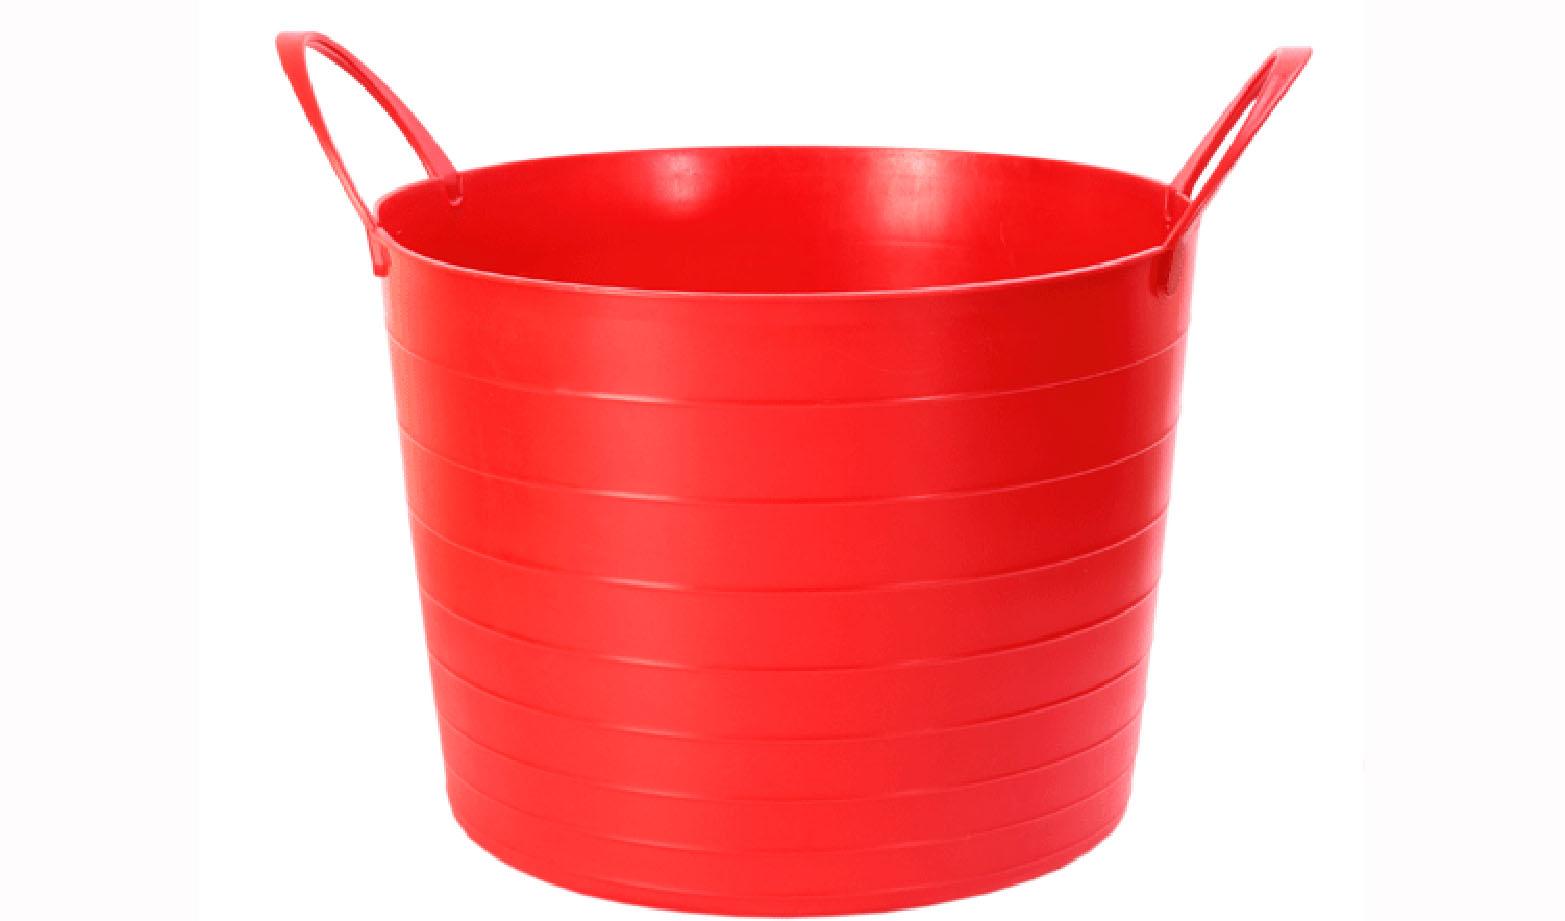 Корзина мягкая Idea, цвет: красный, 27 лМ 2881Мягкая корзина Idea изготовлена из гибкого пластика, оснащена двумя удобными ручками. Внутренняя поверхность имеет отметки литража. Такой корзинке можно найти множество применений в быту: она подойдет для строительства, для сбора фруктов, овощей и грибов, для хранения бытовых предметов. Такая корзина пригодится в любом хозяйстве.